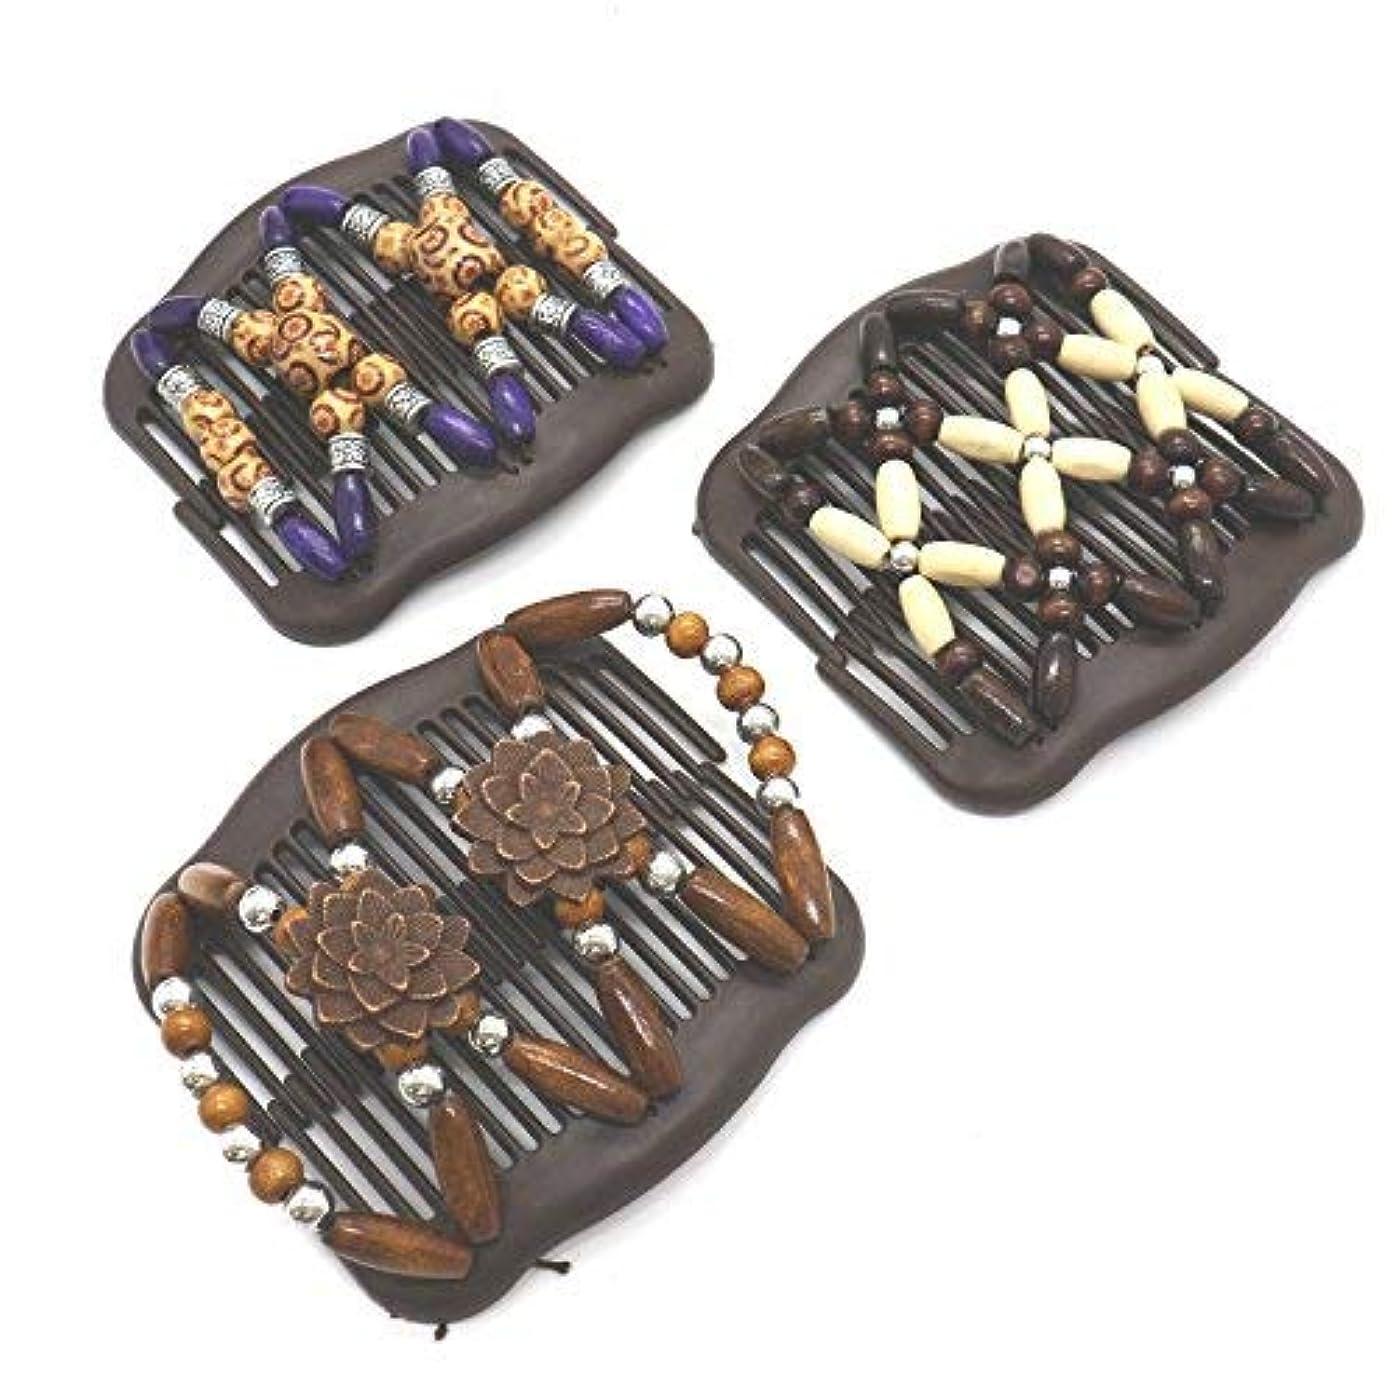 避難する蓄積する有害なBuorsa 3Pcs Magic Combs Wood Beaded Stretch Double Side Combs Clips Bun Maker Hair Accessories for Wowen Girls...